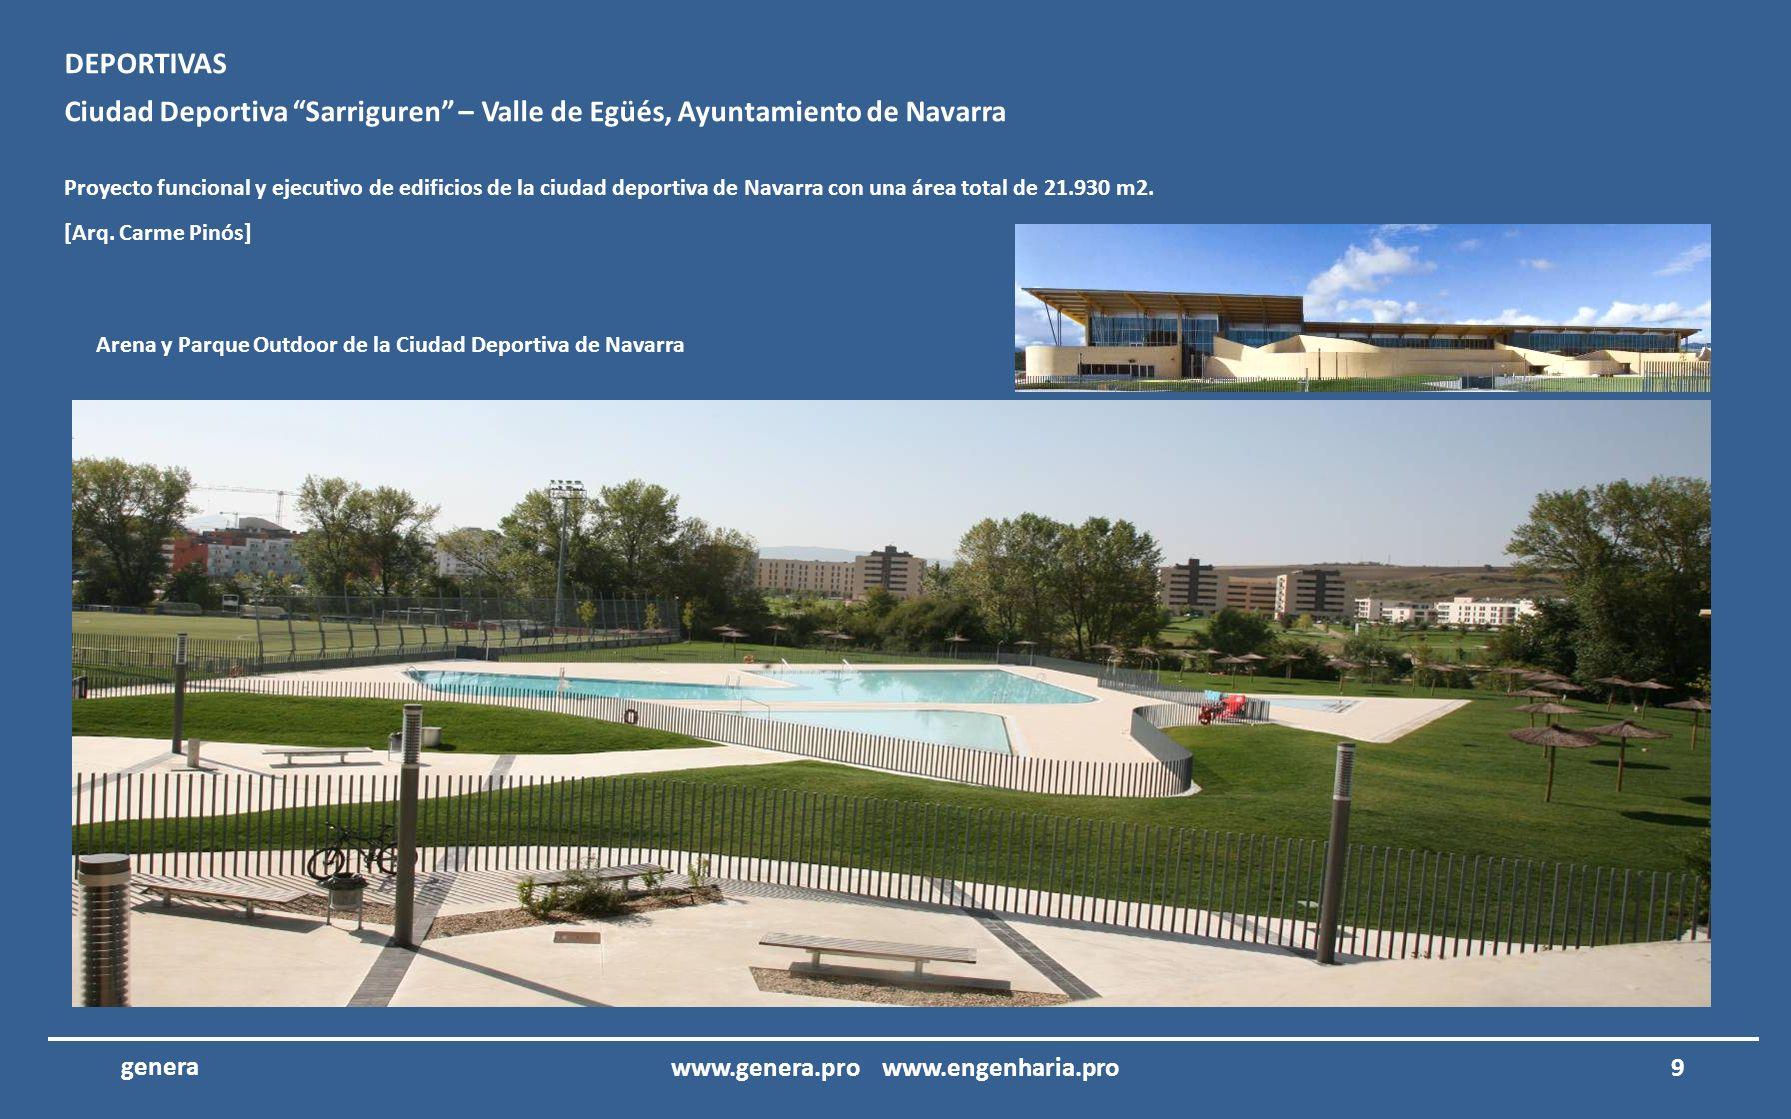 Ciudad Deportiva Sarriguren – Valle de Egüés, Ayuntamiento de Navarra Proyecto funcional y ejecutivo de edificios de la ciudad deportiva de Navarra con una área total de 21.930 m2.